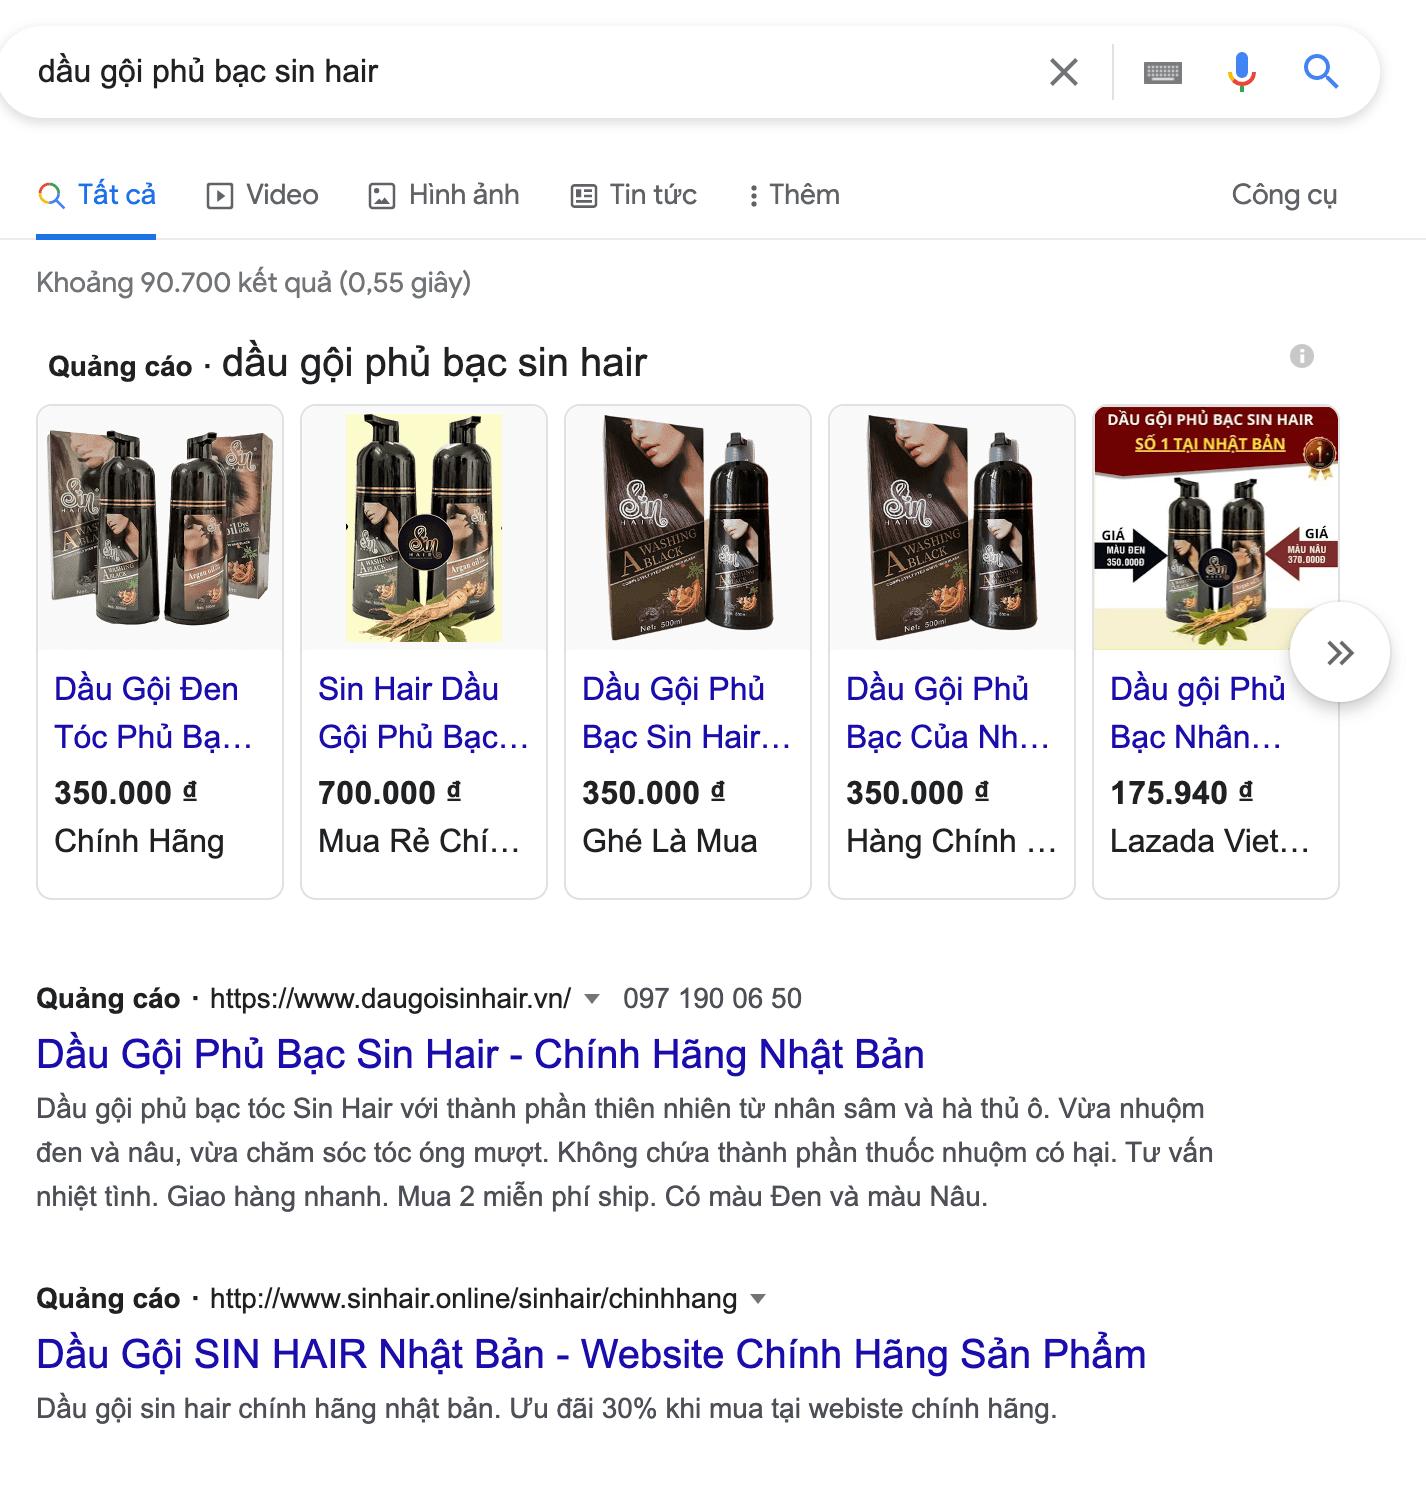 Quảng cáo dầu gội phủ bạc Sin Hair trên Google